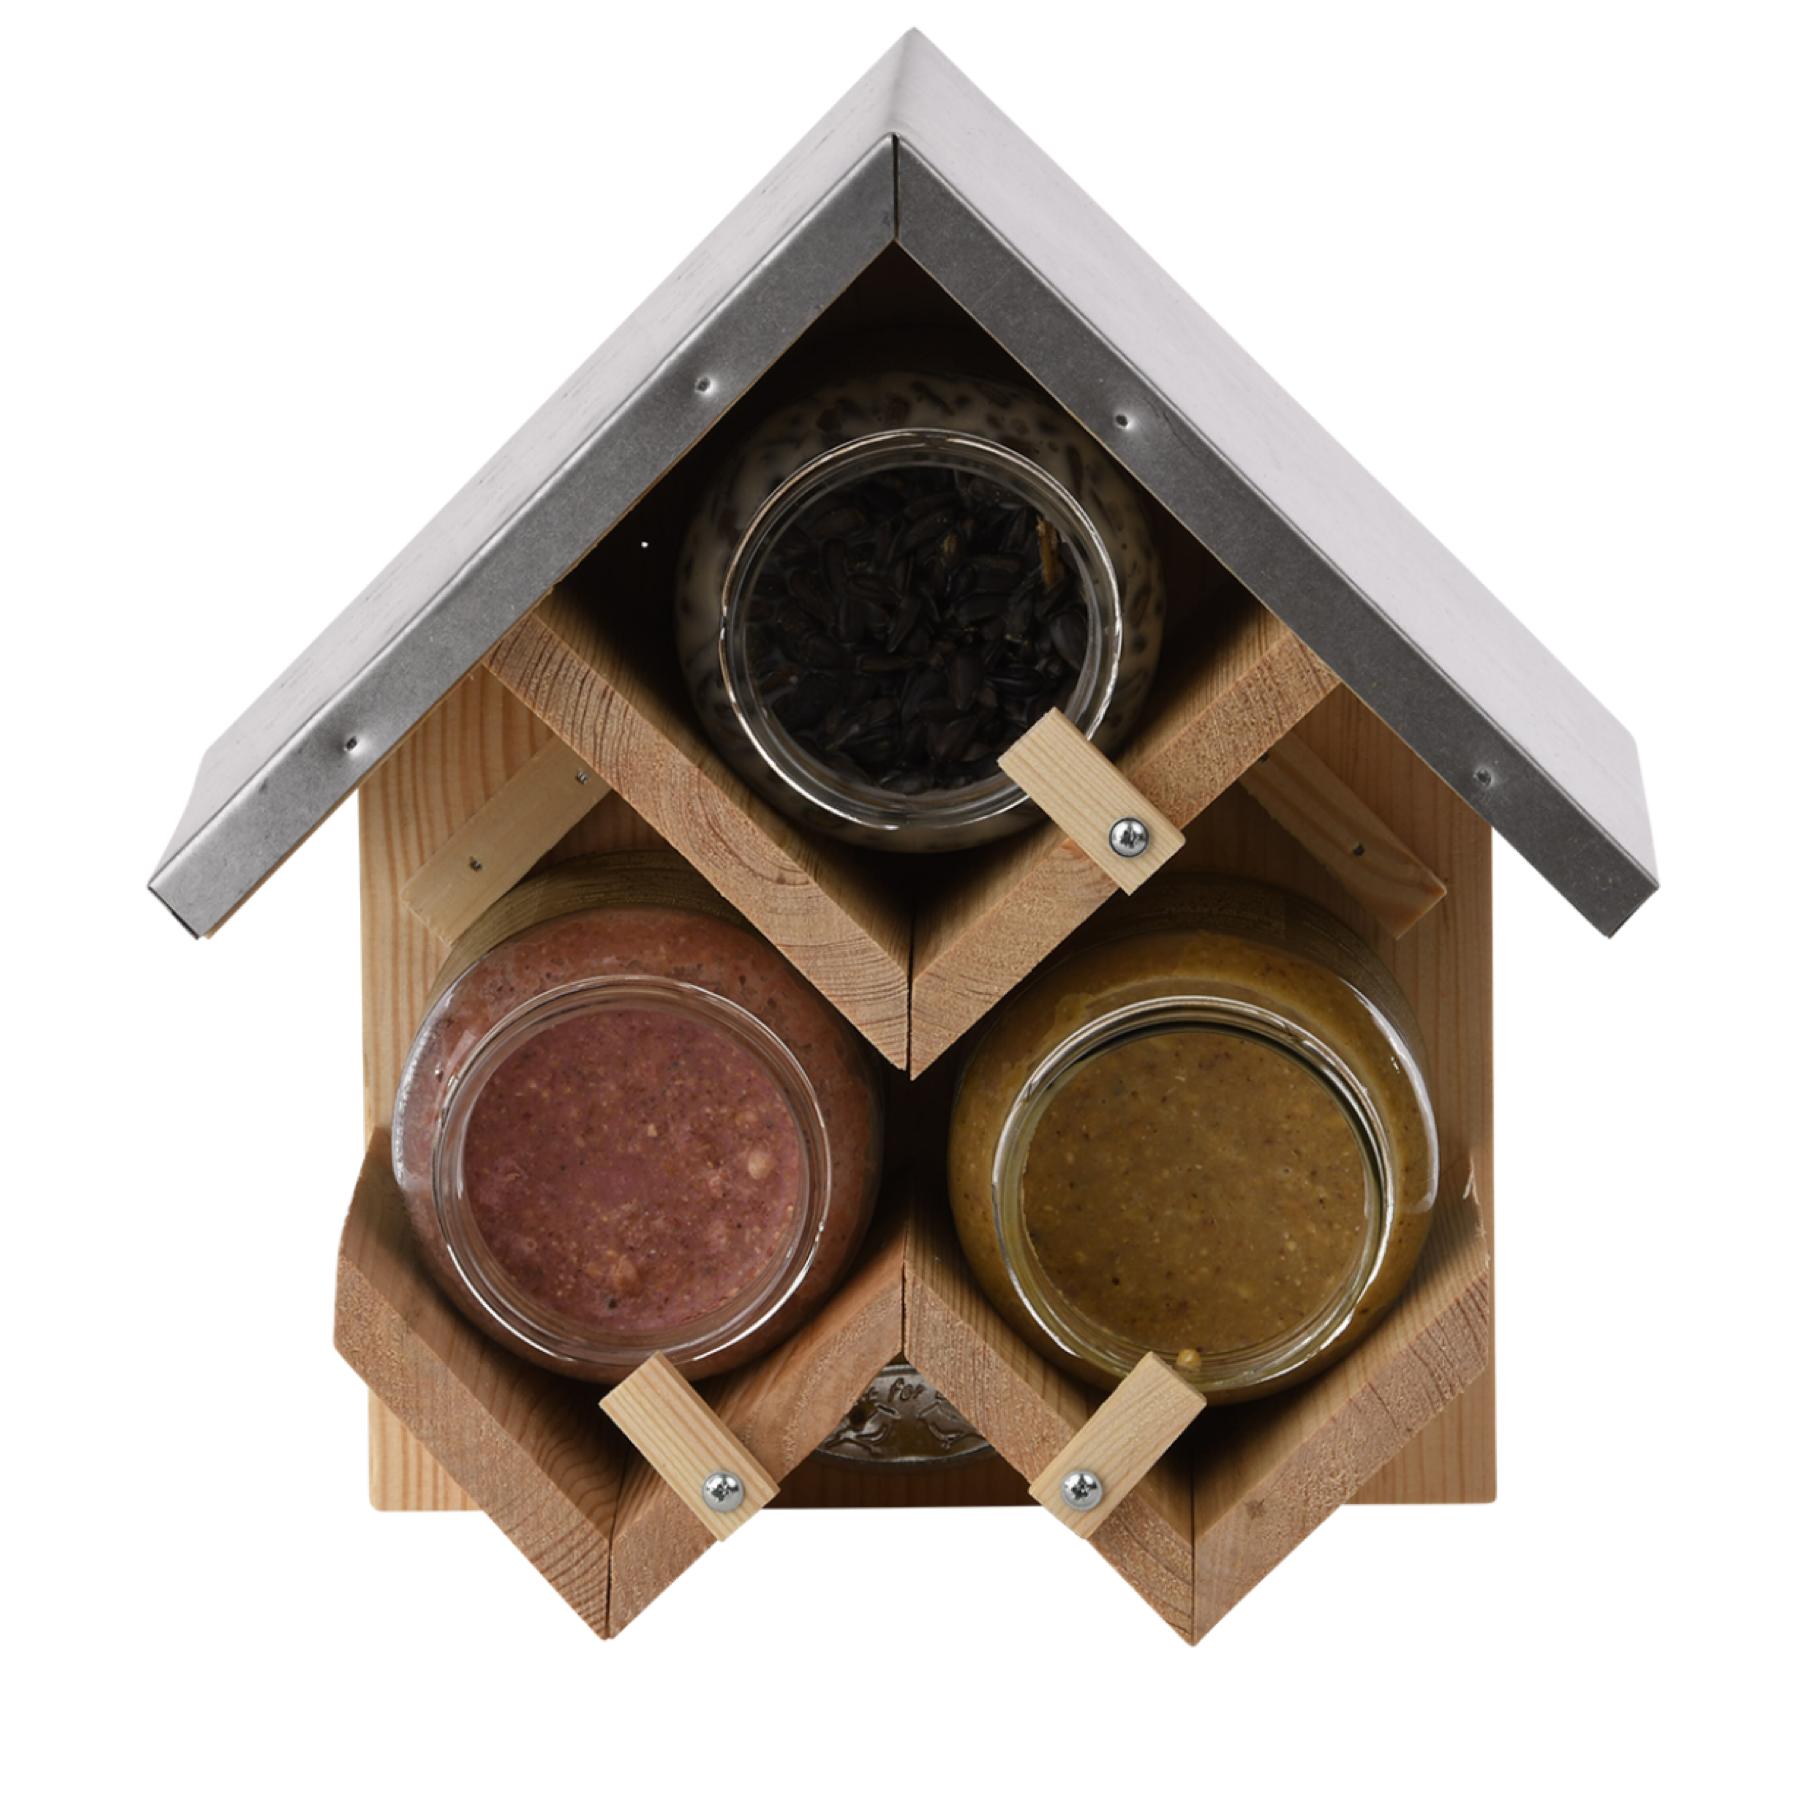 Abri mangeoire oiseaux pour trois pots de beurre de cacahuète